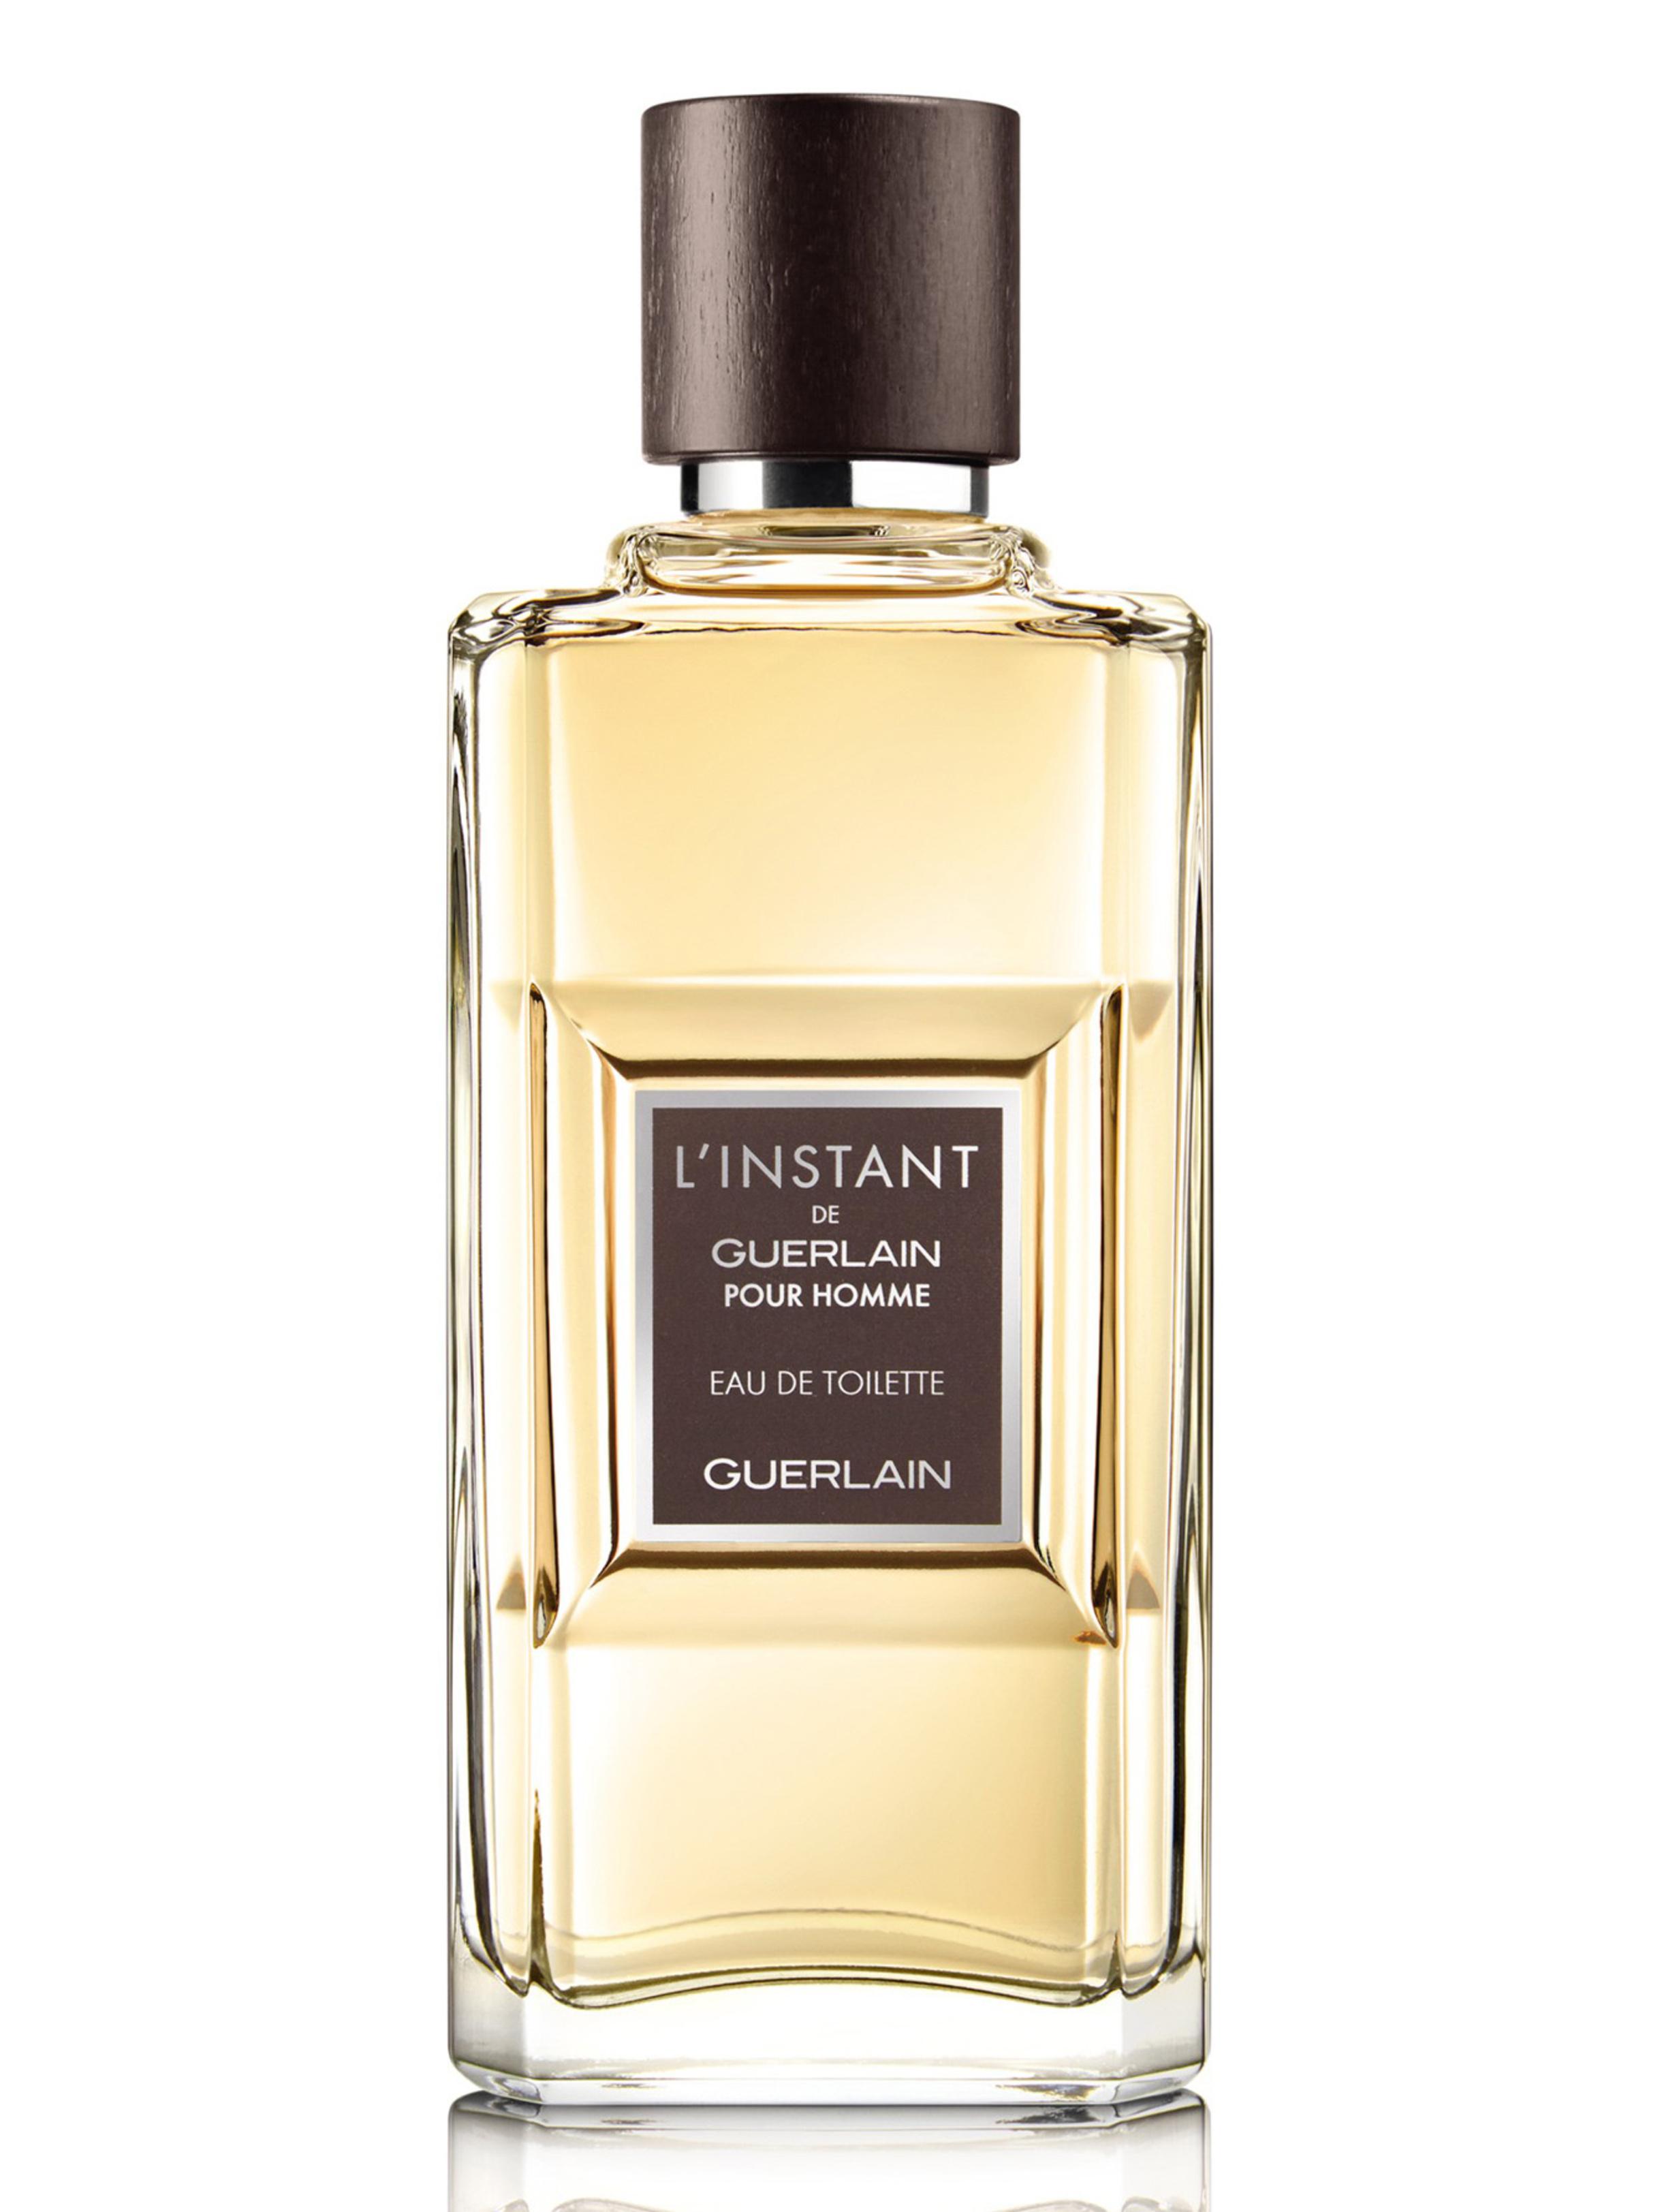 Магазин Parfume Интернет Продажа Парфюма Отзывы